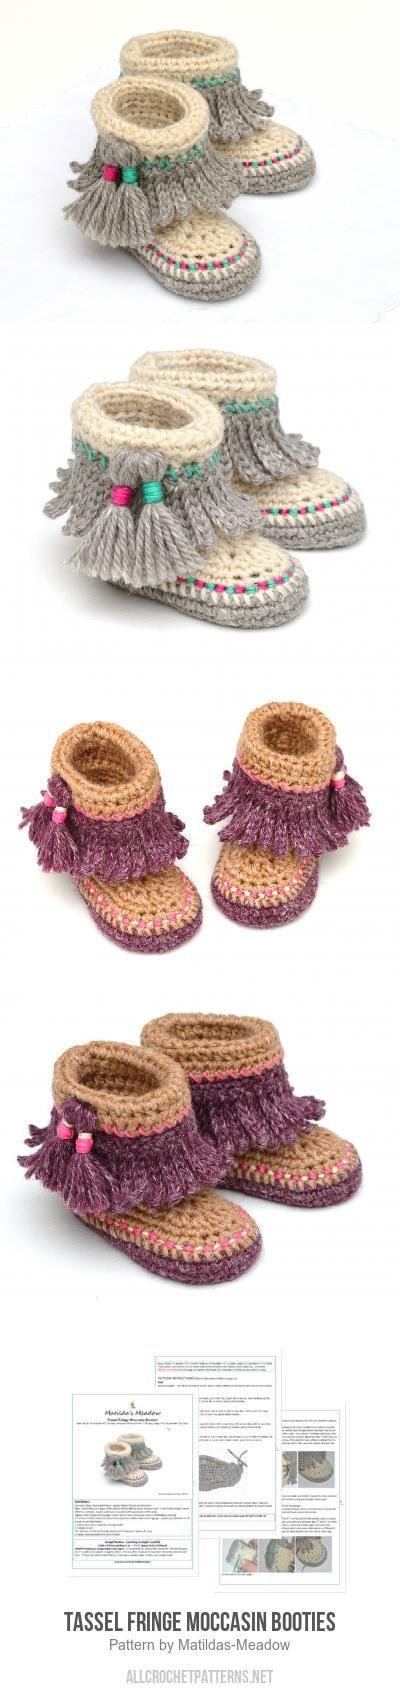 Tassel Fringe Moccasin Booties crochet pattern by Matilda\'s Meadow ...